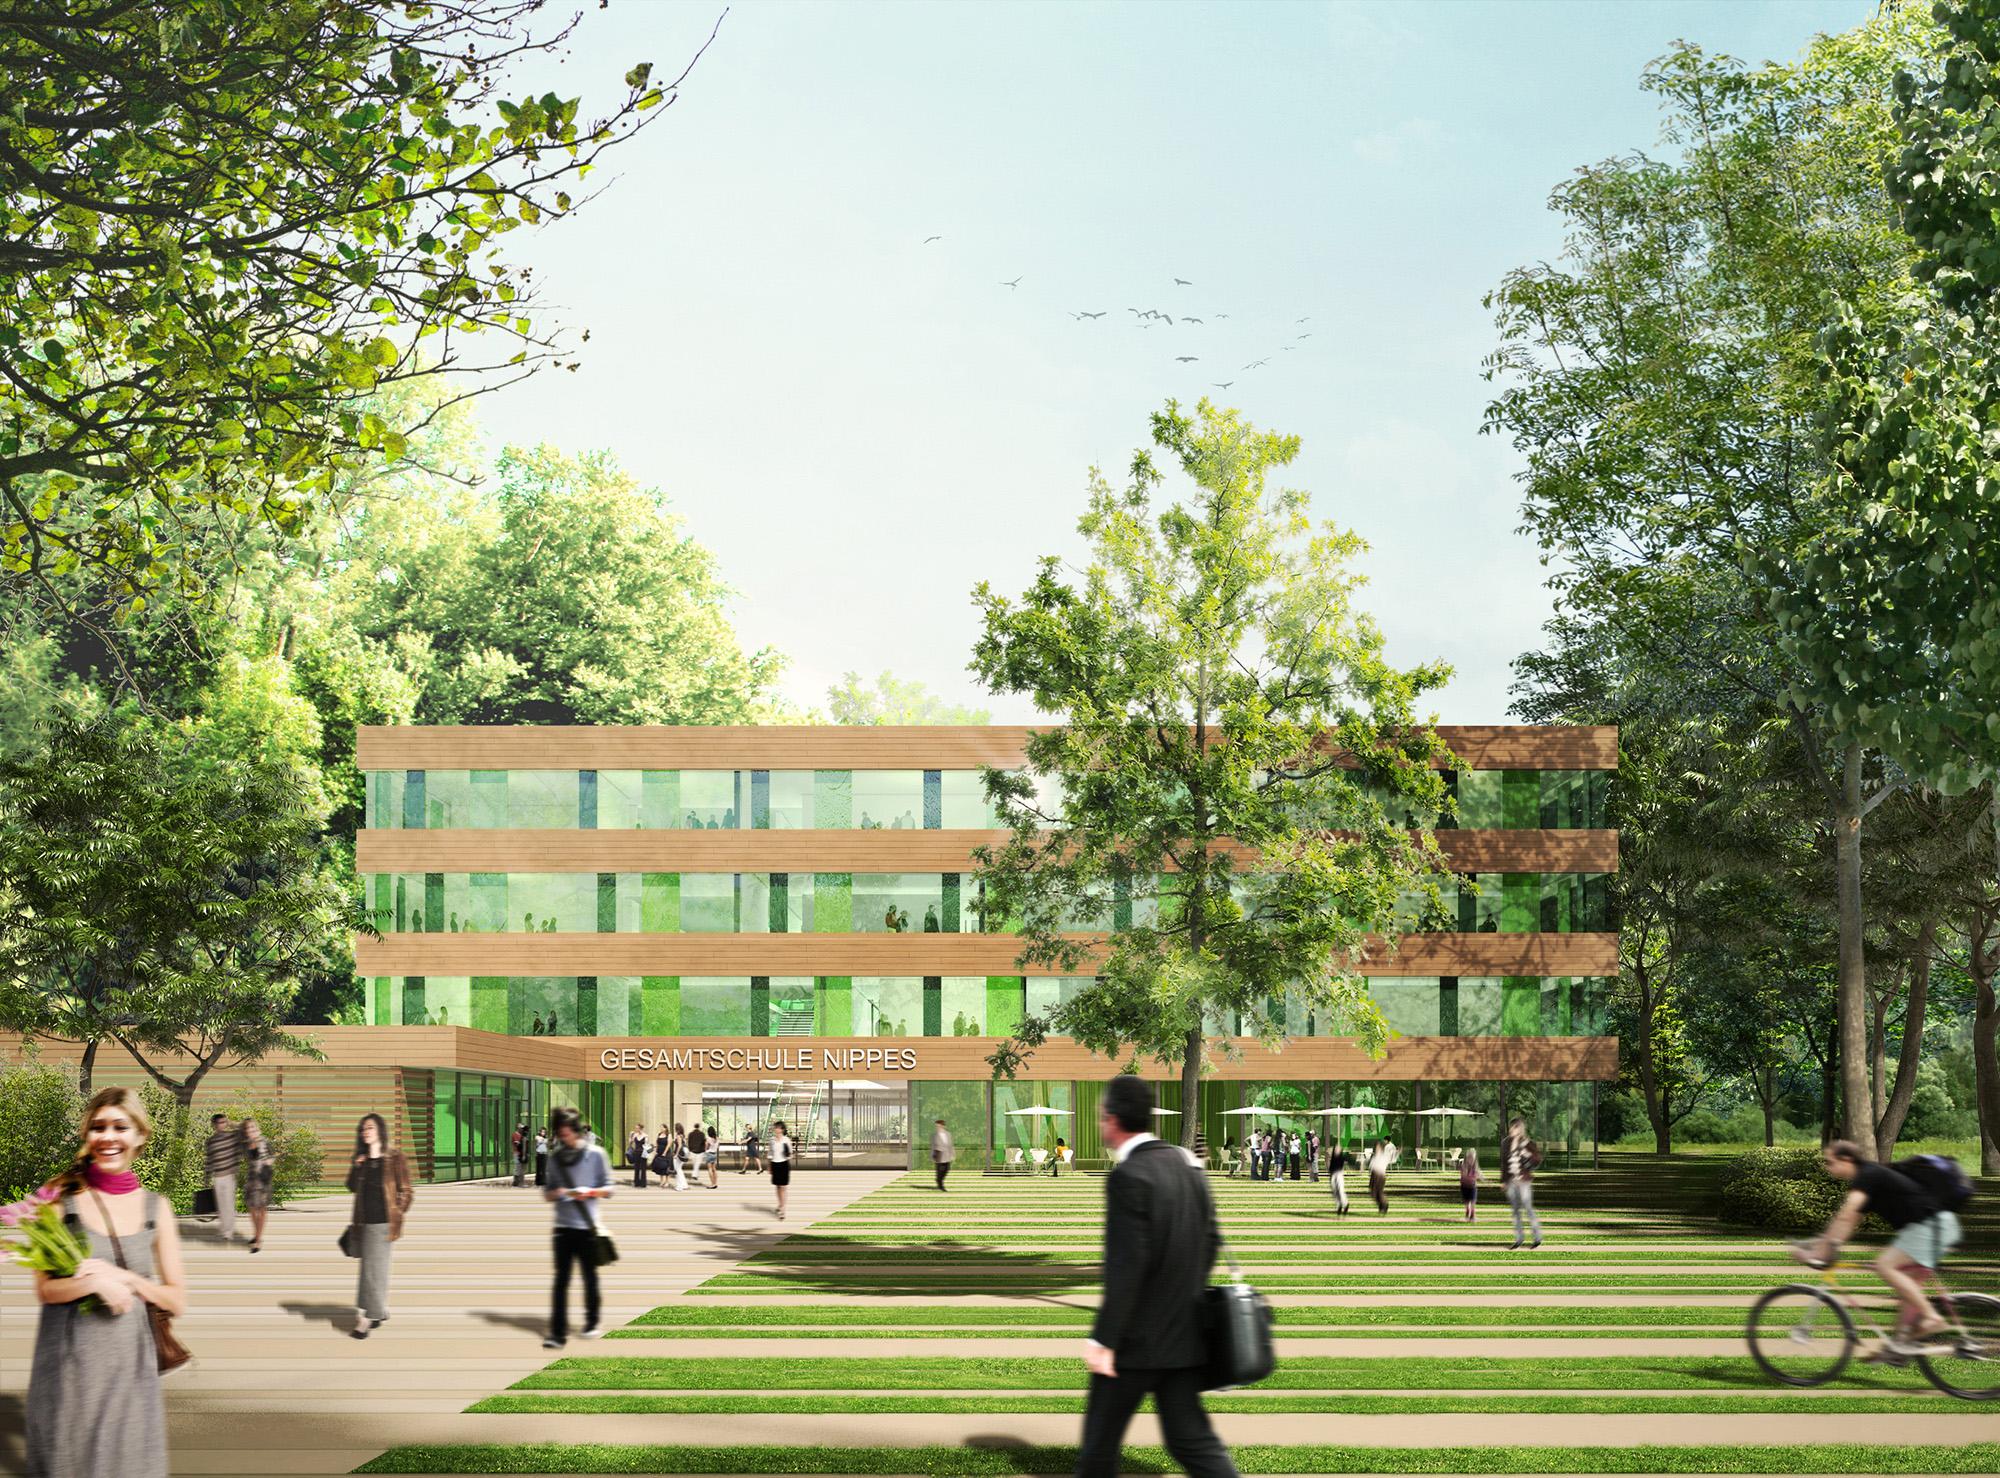 Anjana Perera Visualisierung - Gesamtschule Nippes mit Ackermann + Renner Architekten Berlin Wettbewerb (1.Preis)